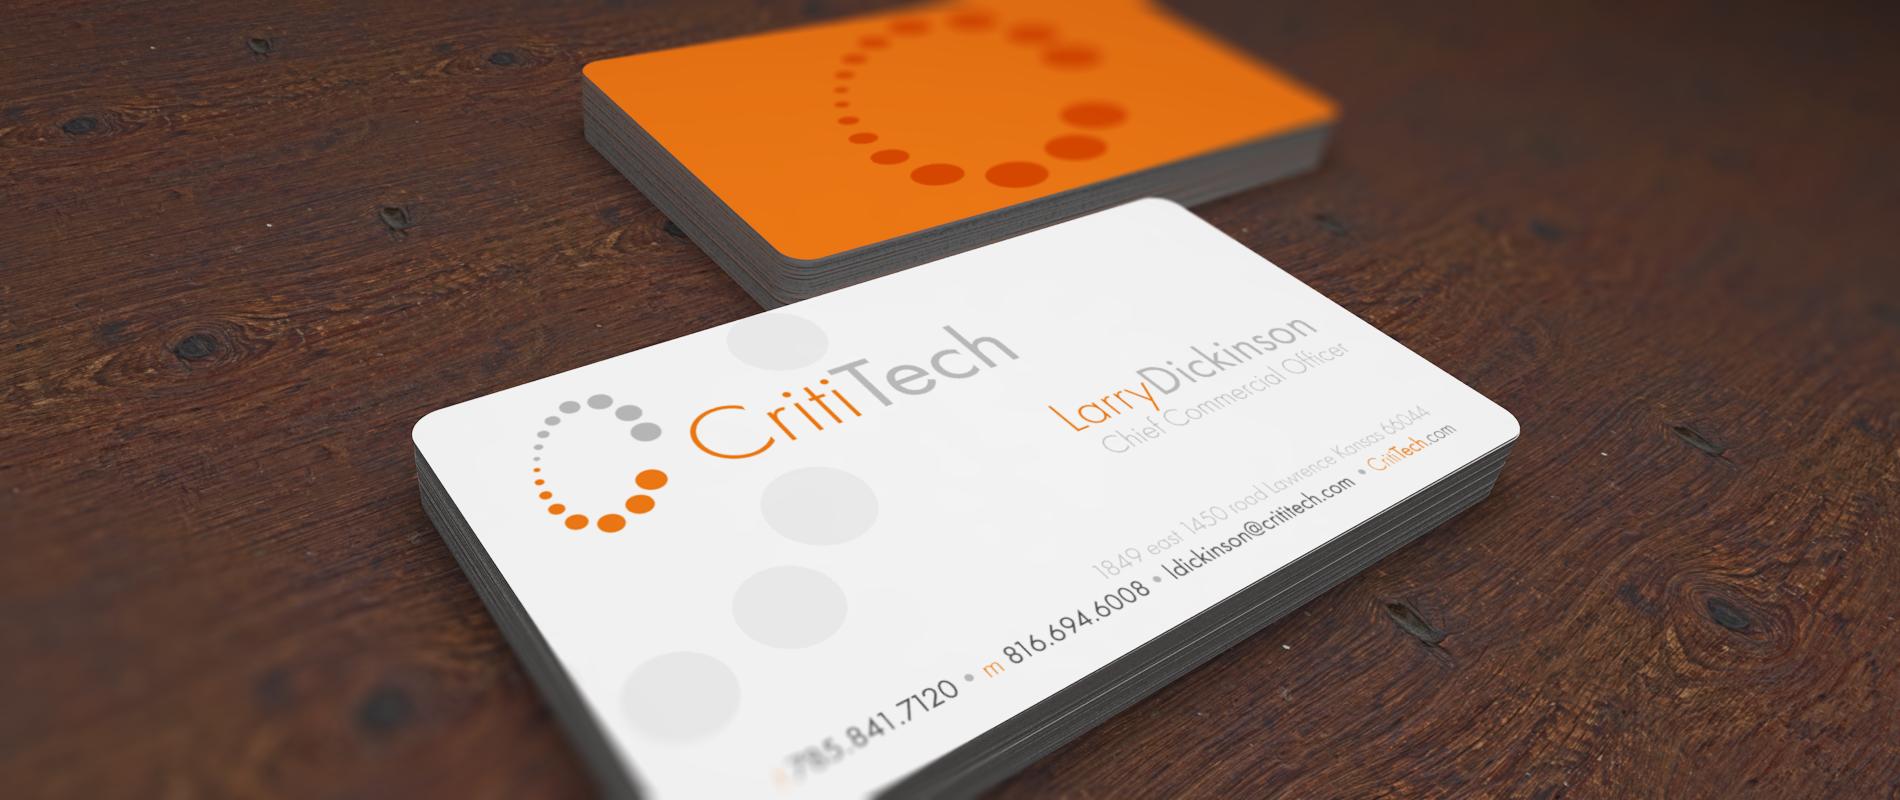 crititechcardmockup